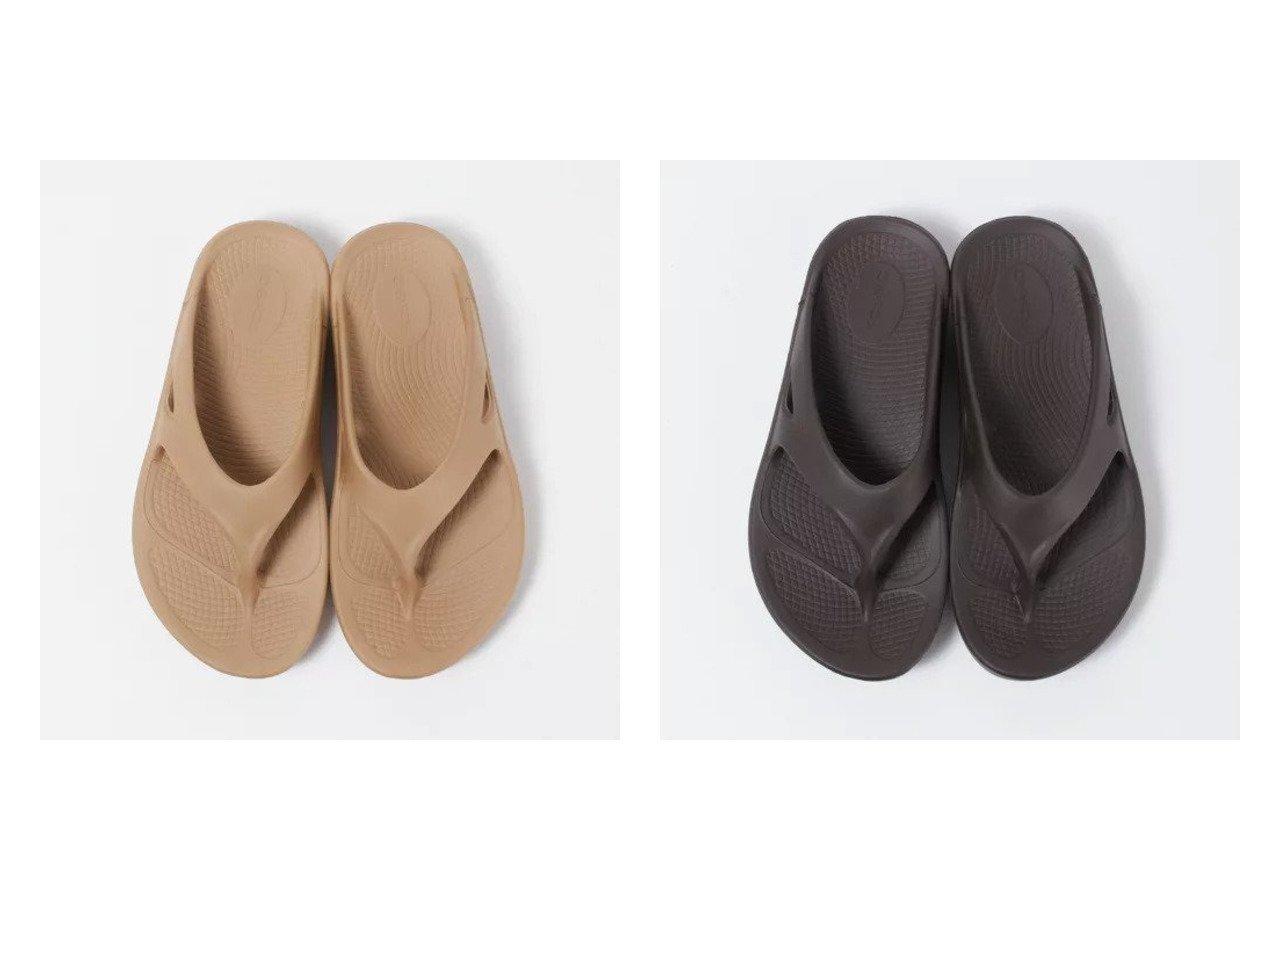 【OOFOS/ウーフォス】のOoriginal(リカバリーサンダル) 【シューズ・靴】おすすめ!人気、トレンド・レディースファッションの通販  おすすめで人気の流行・トレンド、ファッションの通販商品 メンズファッション・キッズファッション・インテリア・家具・レディースファッション・服の通販 founy(ファニー) https://founy.com/ ファッション Fashion レディースファッション WOMEN サンダル シューズ ランニング ワーク |ID:crp329100000027372